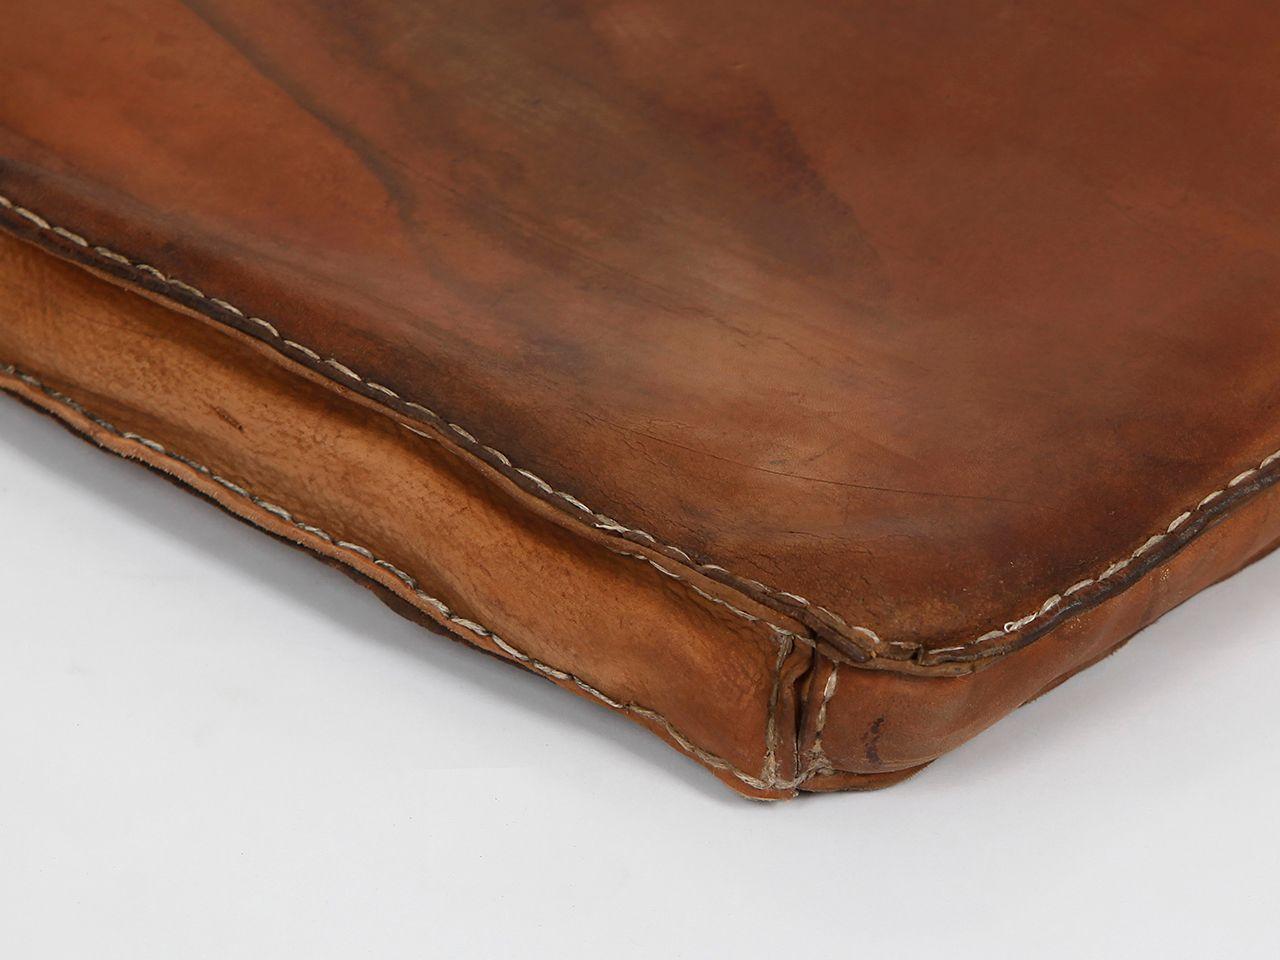 tschechische vintage turnmatte aus braunem leder 1940er bei pamono kaufen. Black Bedroom Furniture Sets. Home Design Ideas